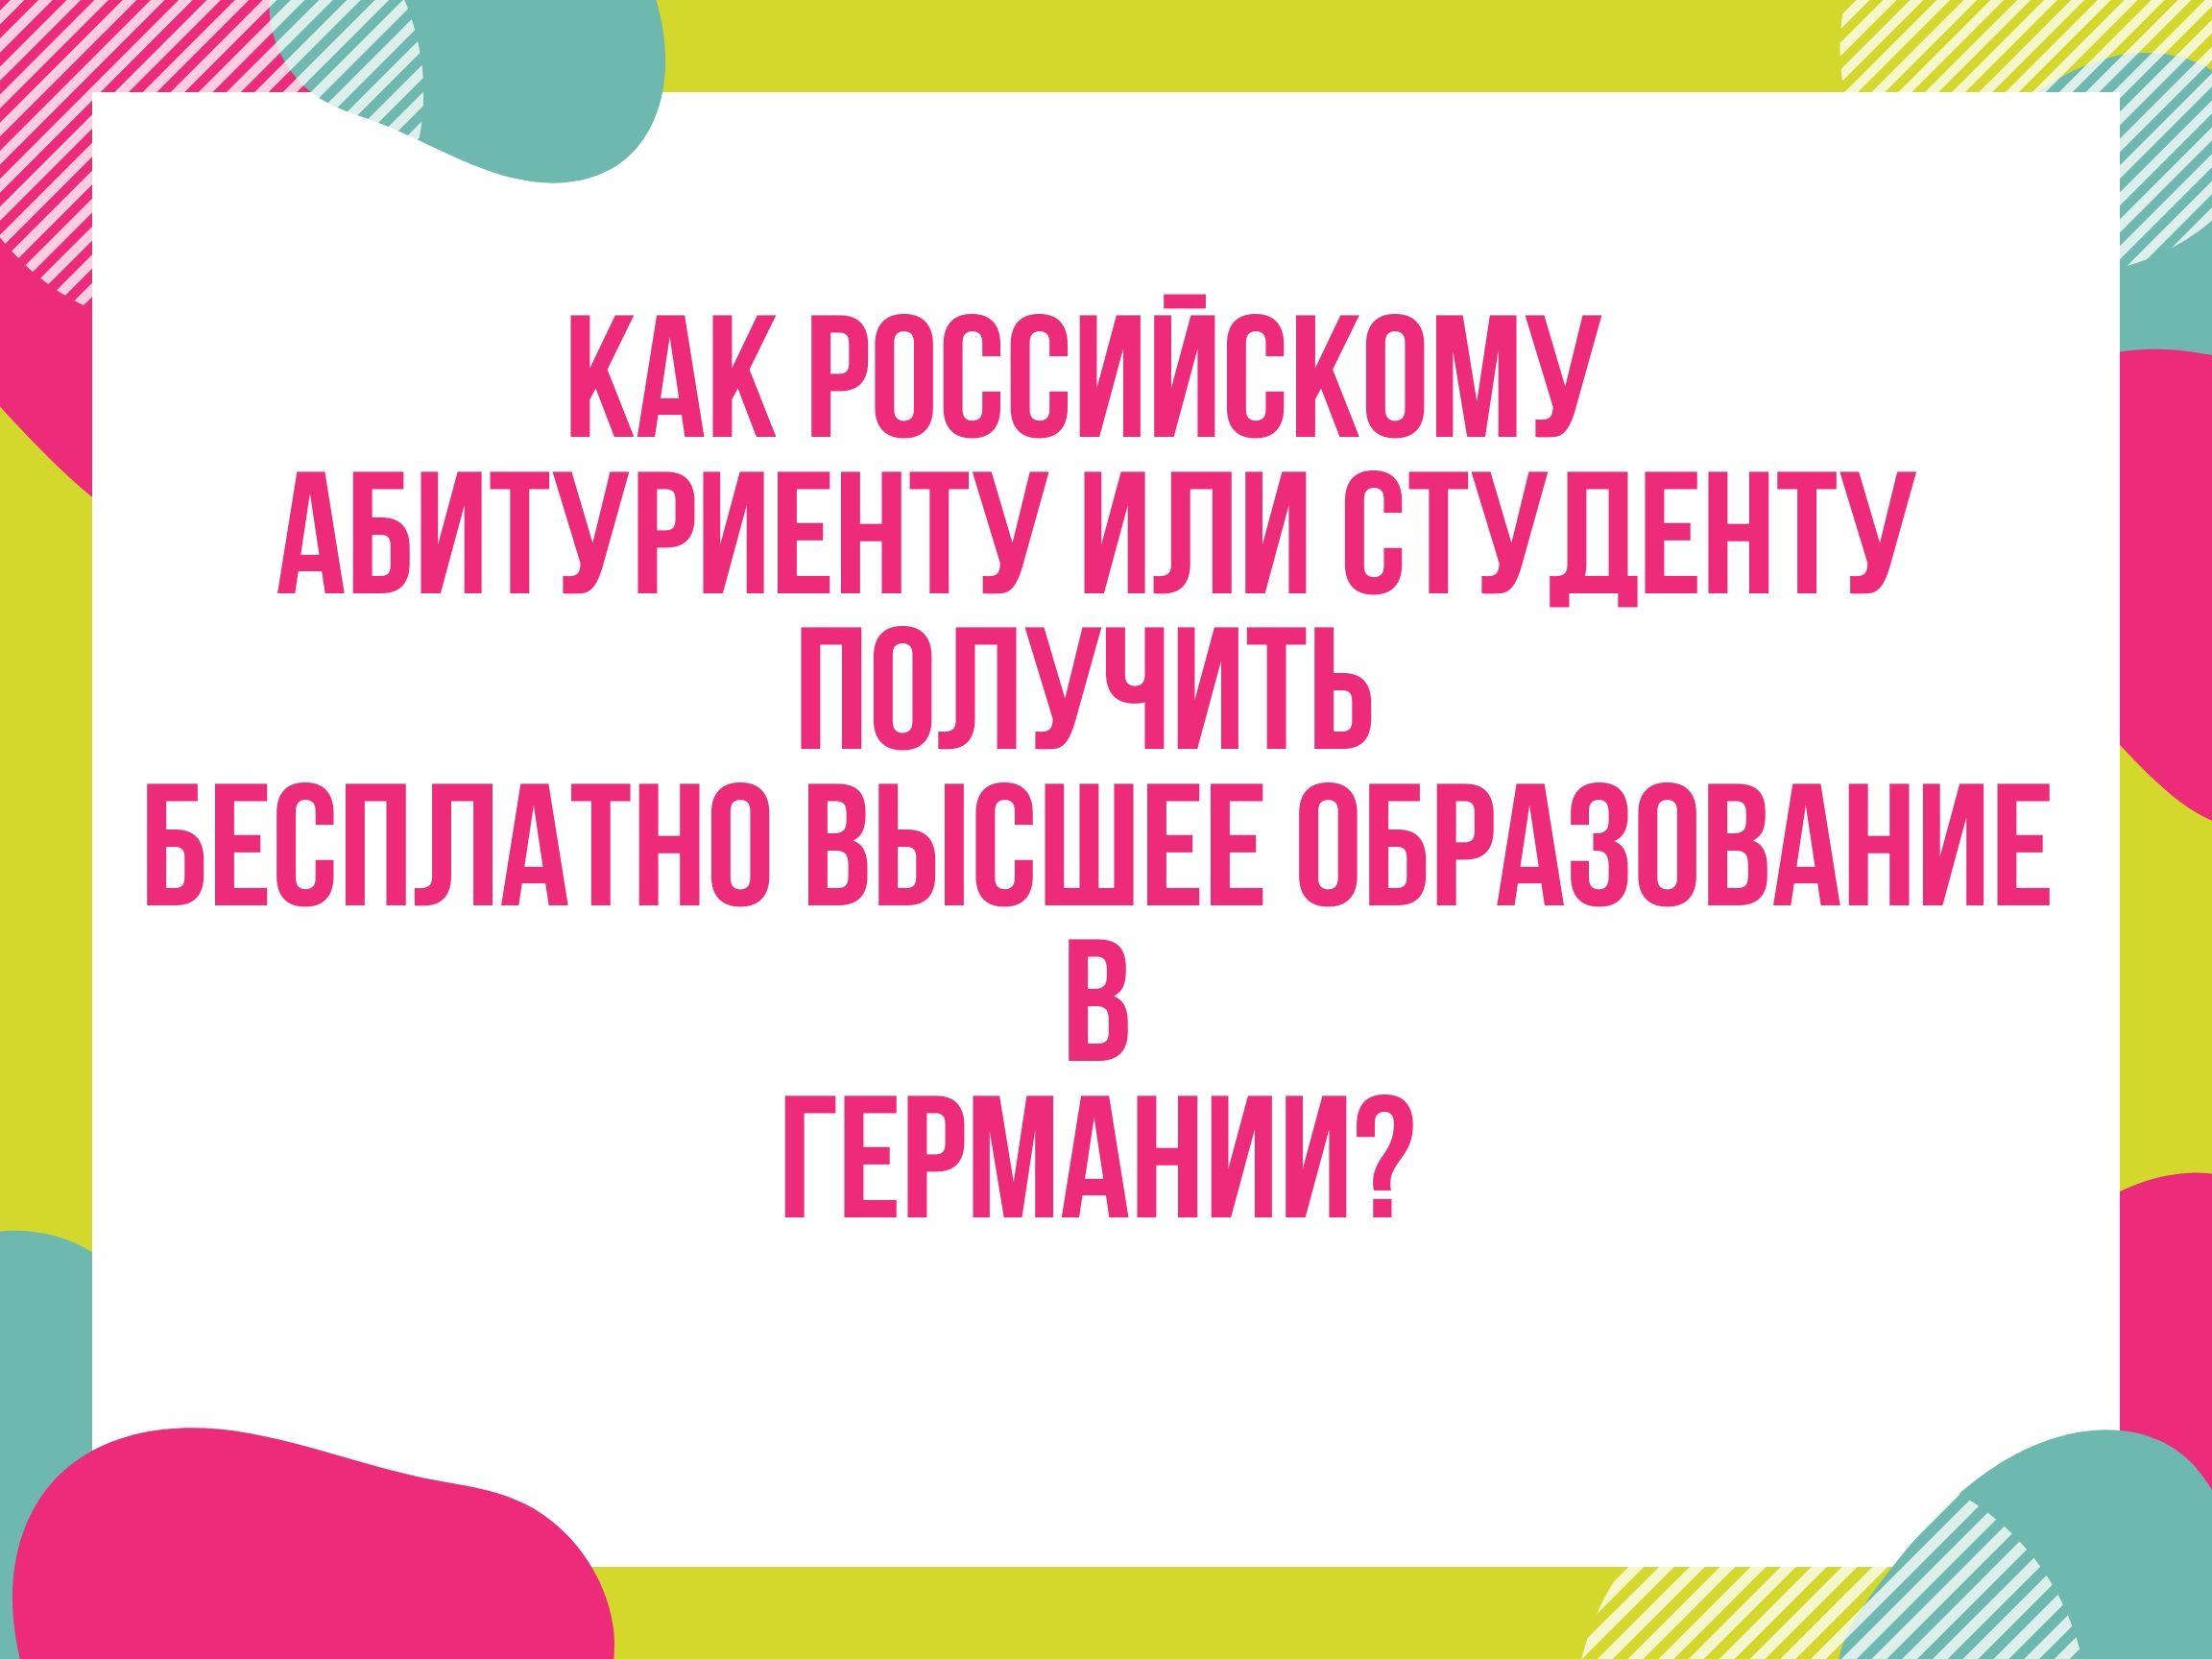 Как российскому абитуриенту или студенту получить бесплатно высшее образование в Германии?